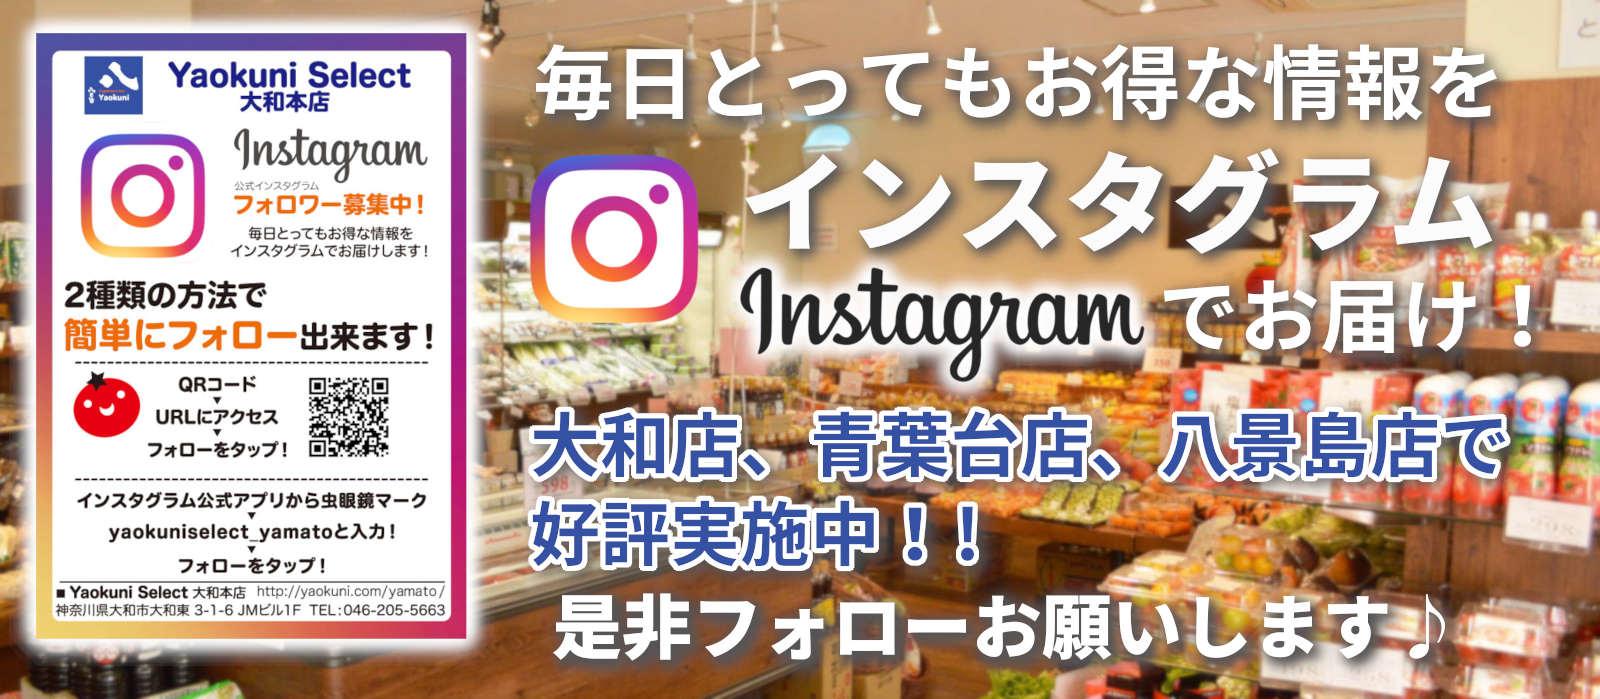 八百国 大和店、青葉台店、八景島店のインスタグラムフォローお願いします!